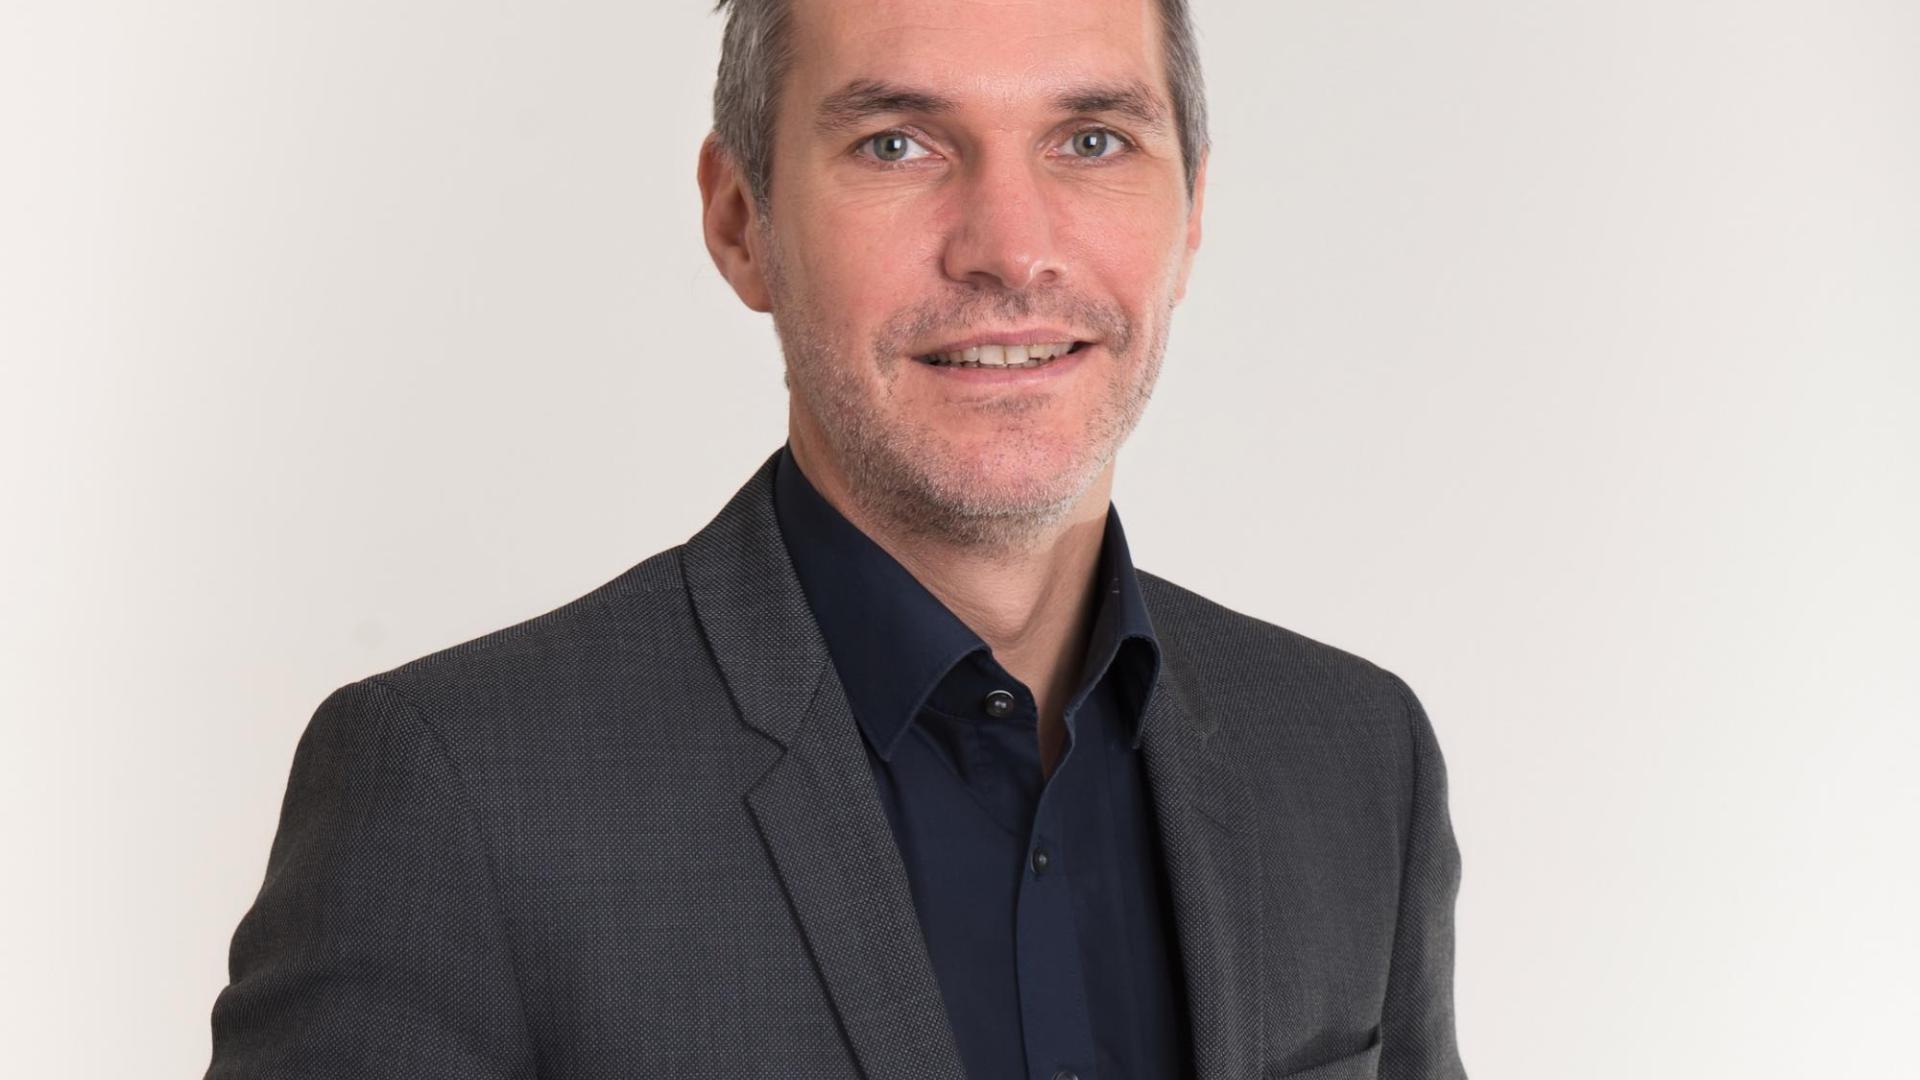 Ulrik Van Schepdael